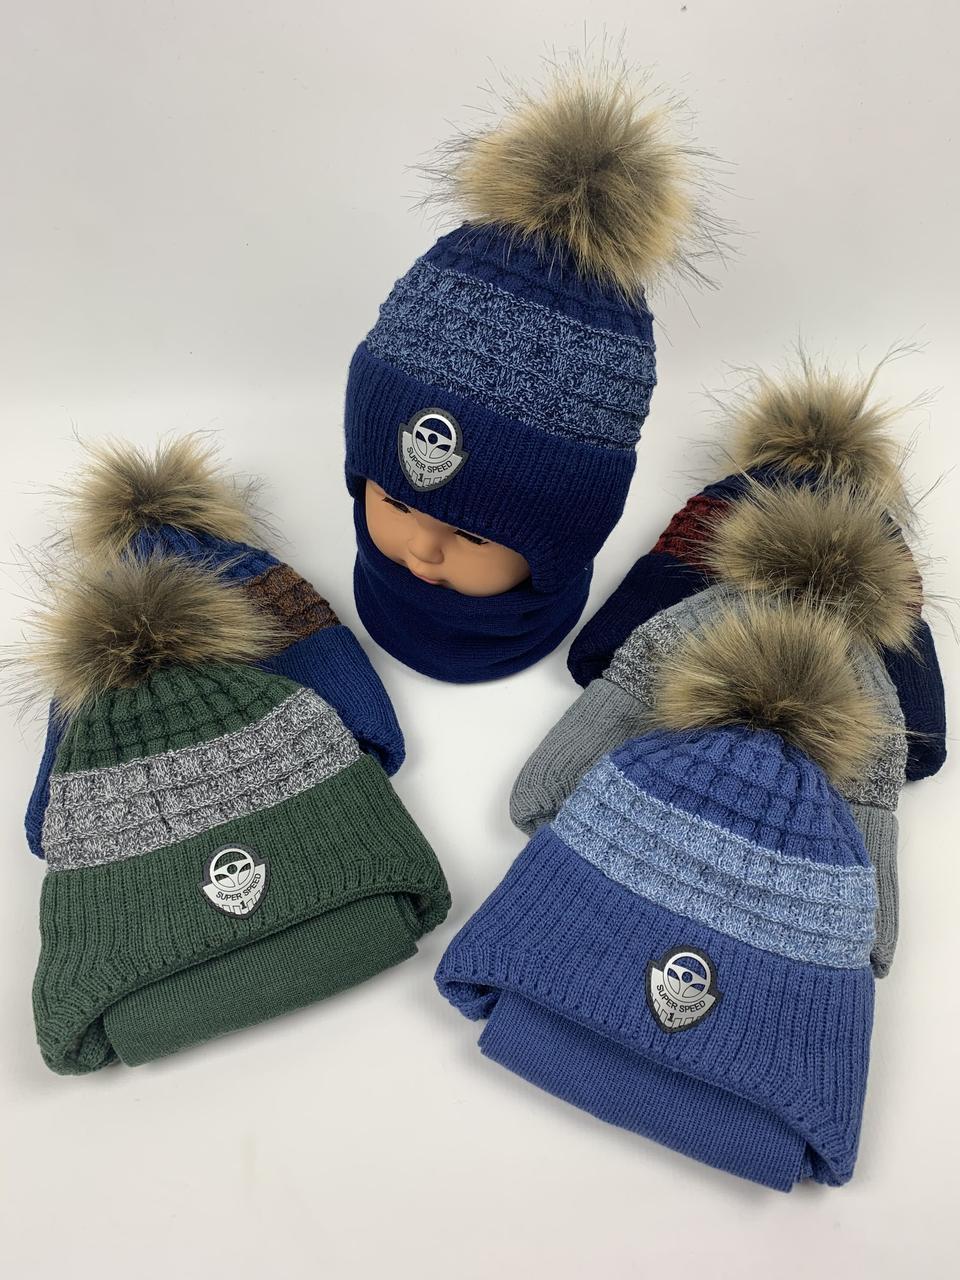 Детские зимние шапки на флисе с помпоном, завязками и и шарфом для мальчиков оптом, р.44-46, Польша (Agbo)